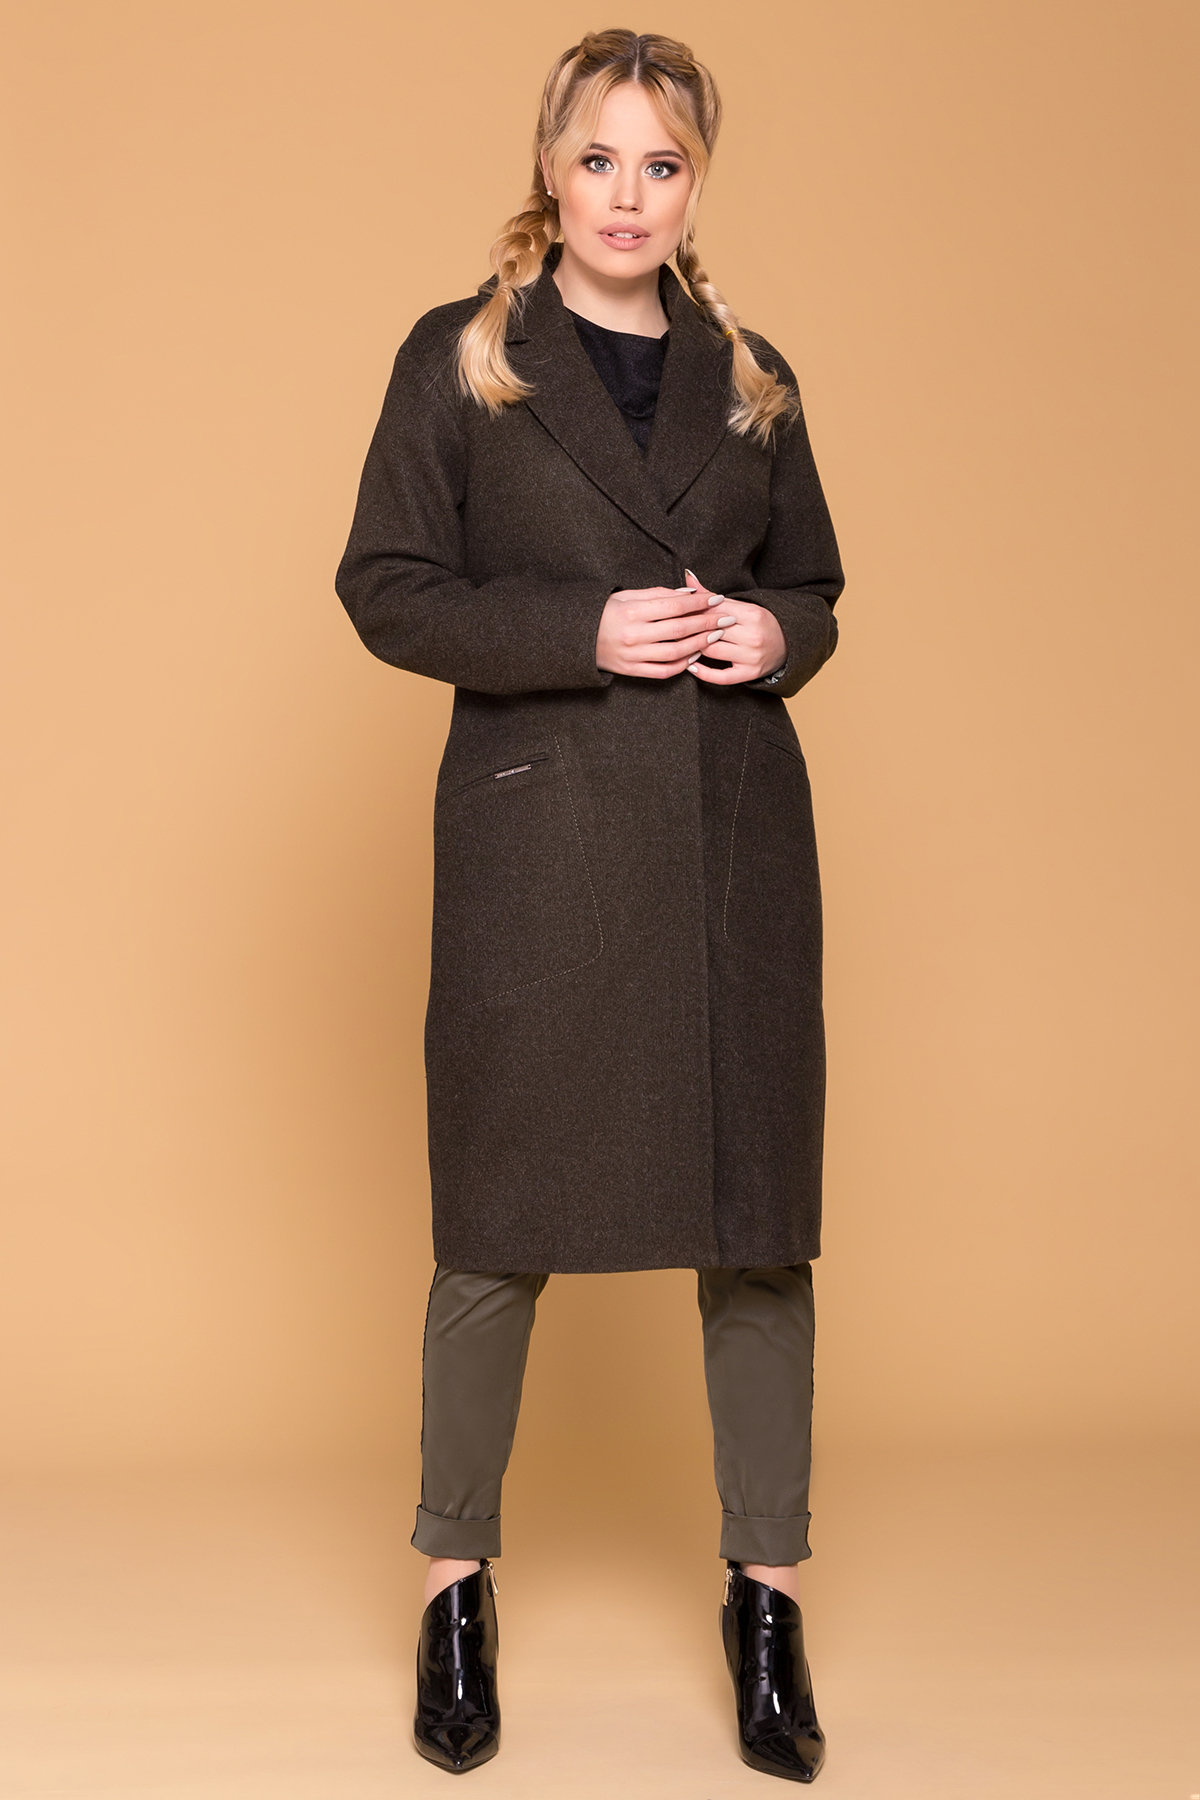 Пальто миди с прорезными карманами Ждана лайт 6337 АРТ. 41149 Цвет: Хаки 16 - фото 4, интернет магазин tm-modus.ru